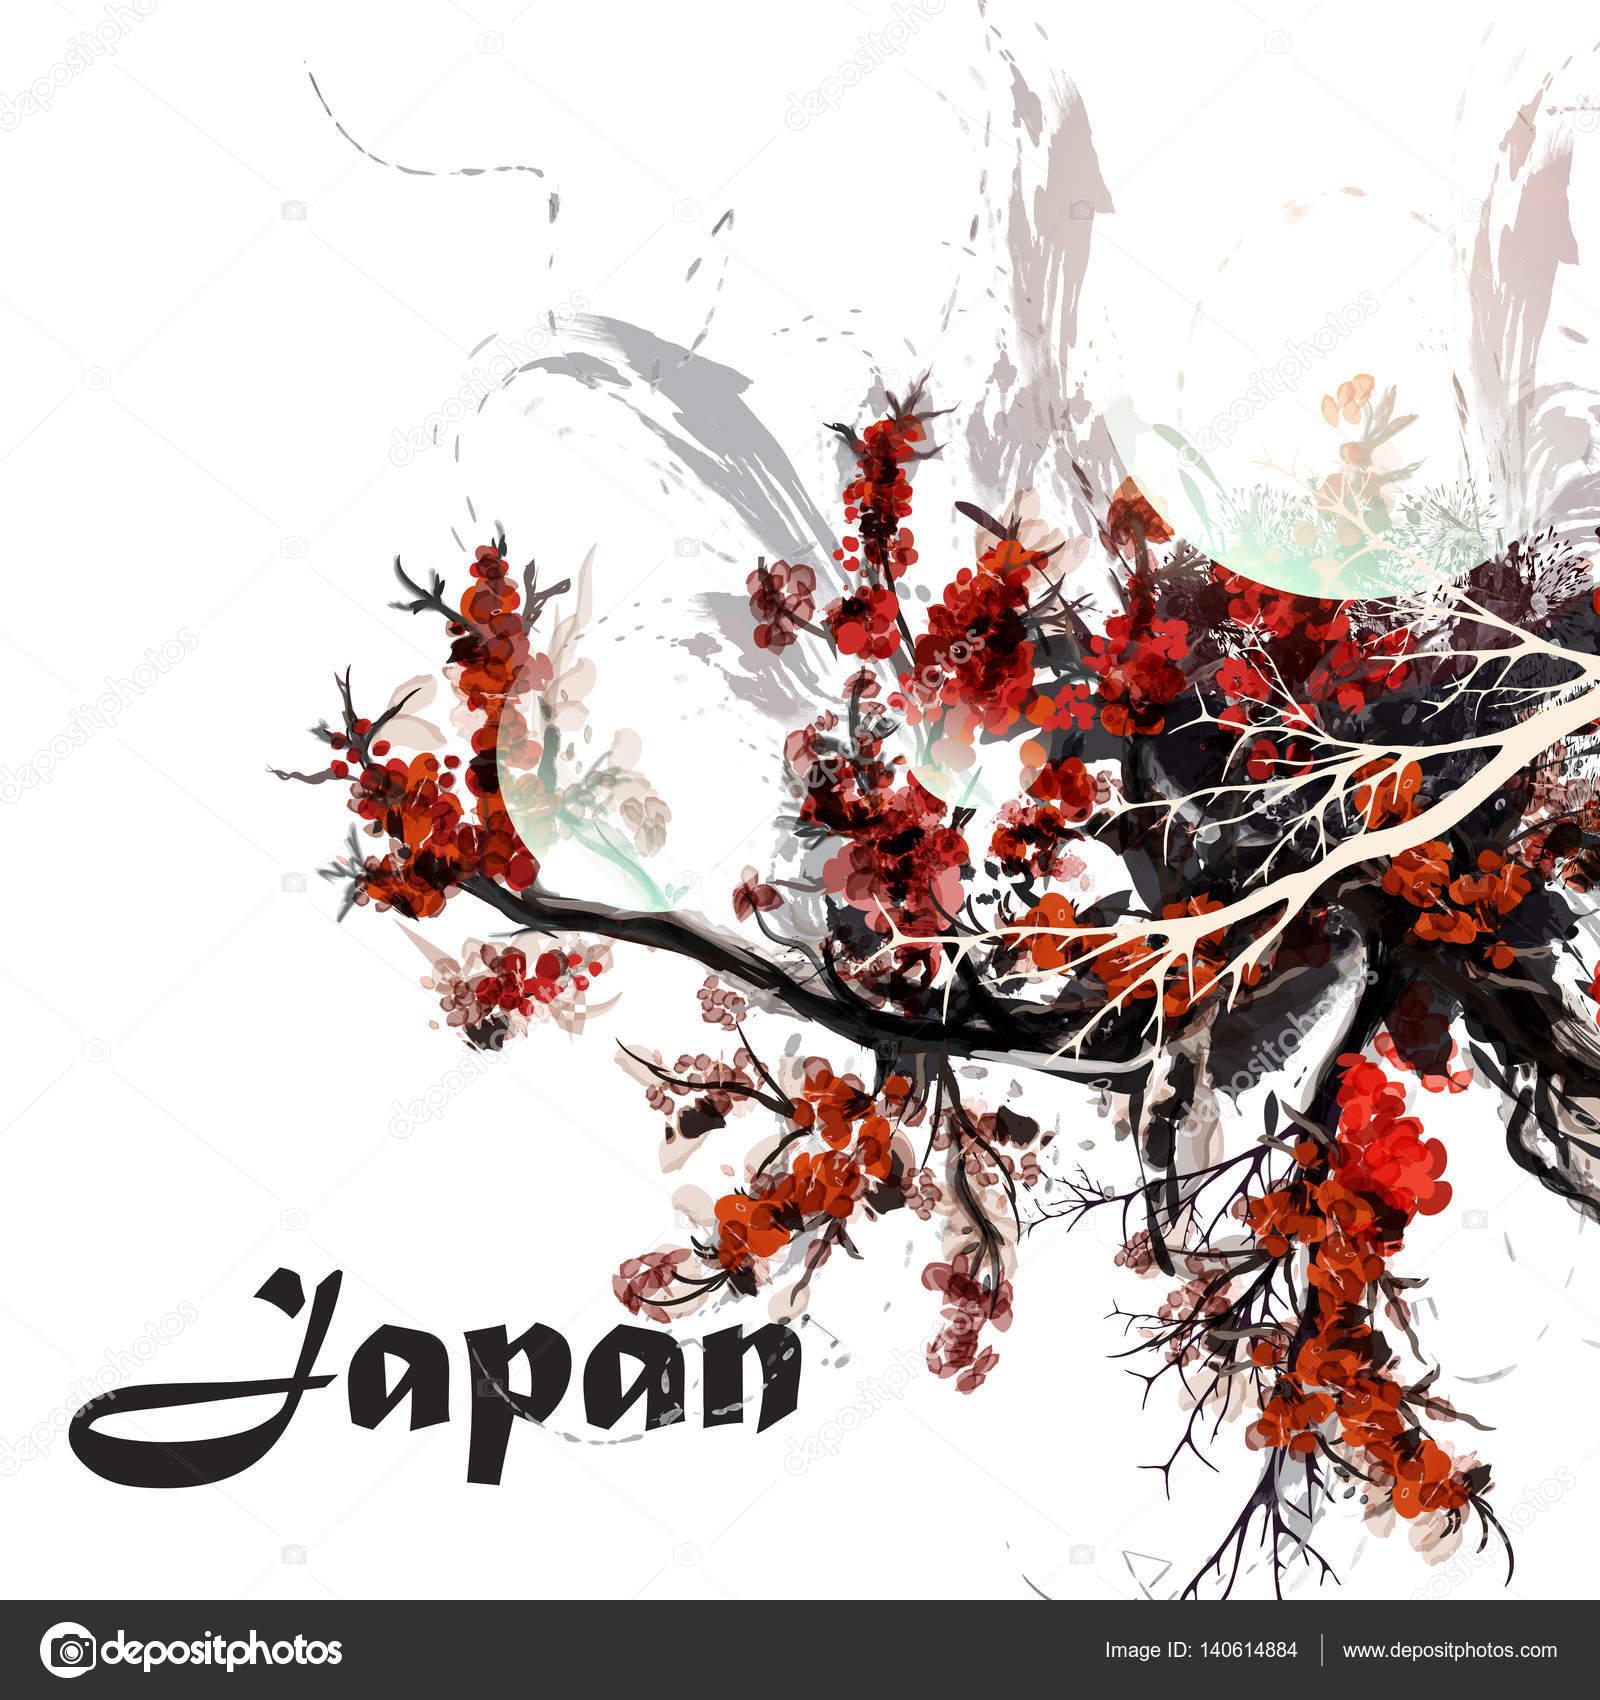 Sulu Boya Boyalı Kiraz Ağacı Dalları Japonya Tarzı Ile Arka Plan